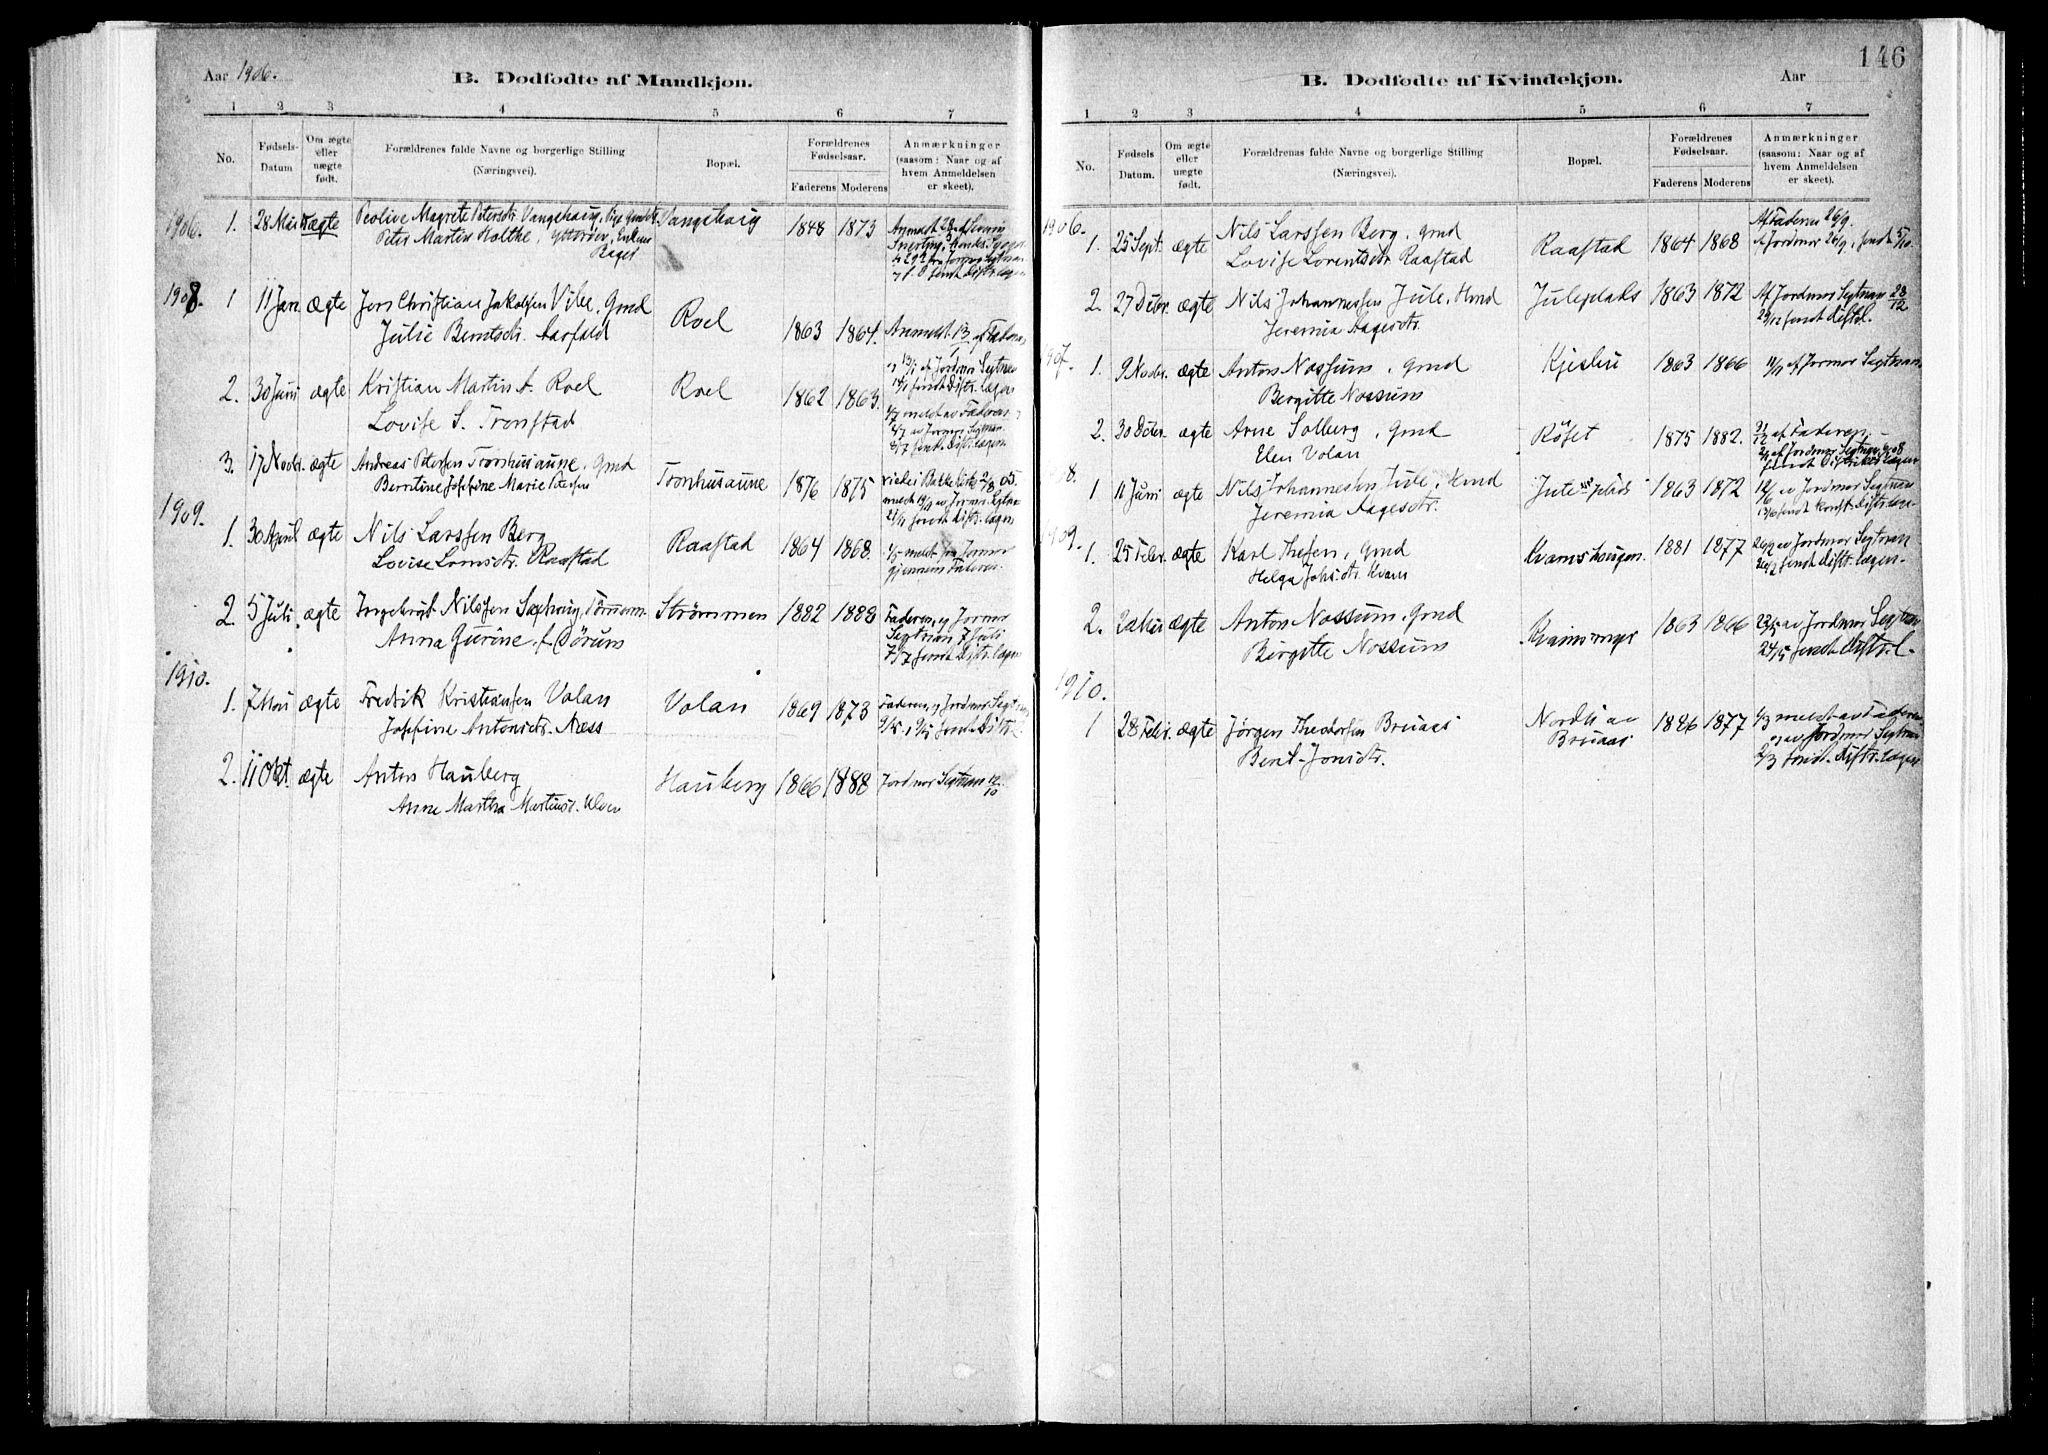 SAT, Ministerialprotokoller, klokkerbøker og fødselsregistre - Nord-Trøndelag, 730/L0285: Ministerialbok nr. 730A10, 1879-1914, s. 146